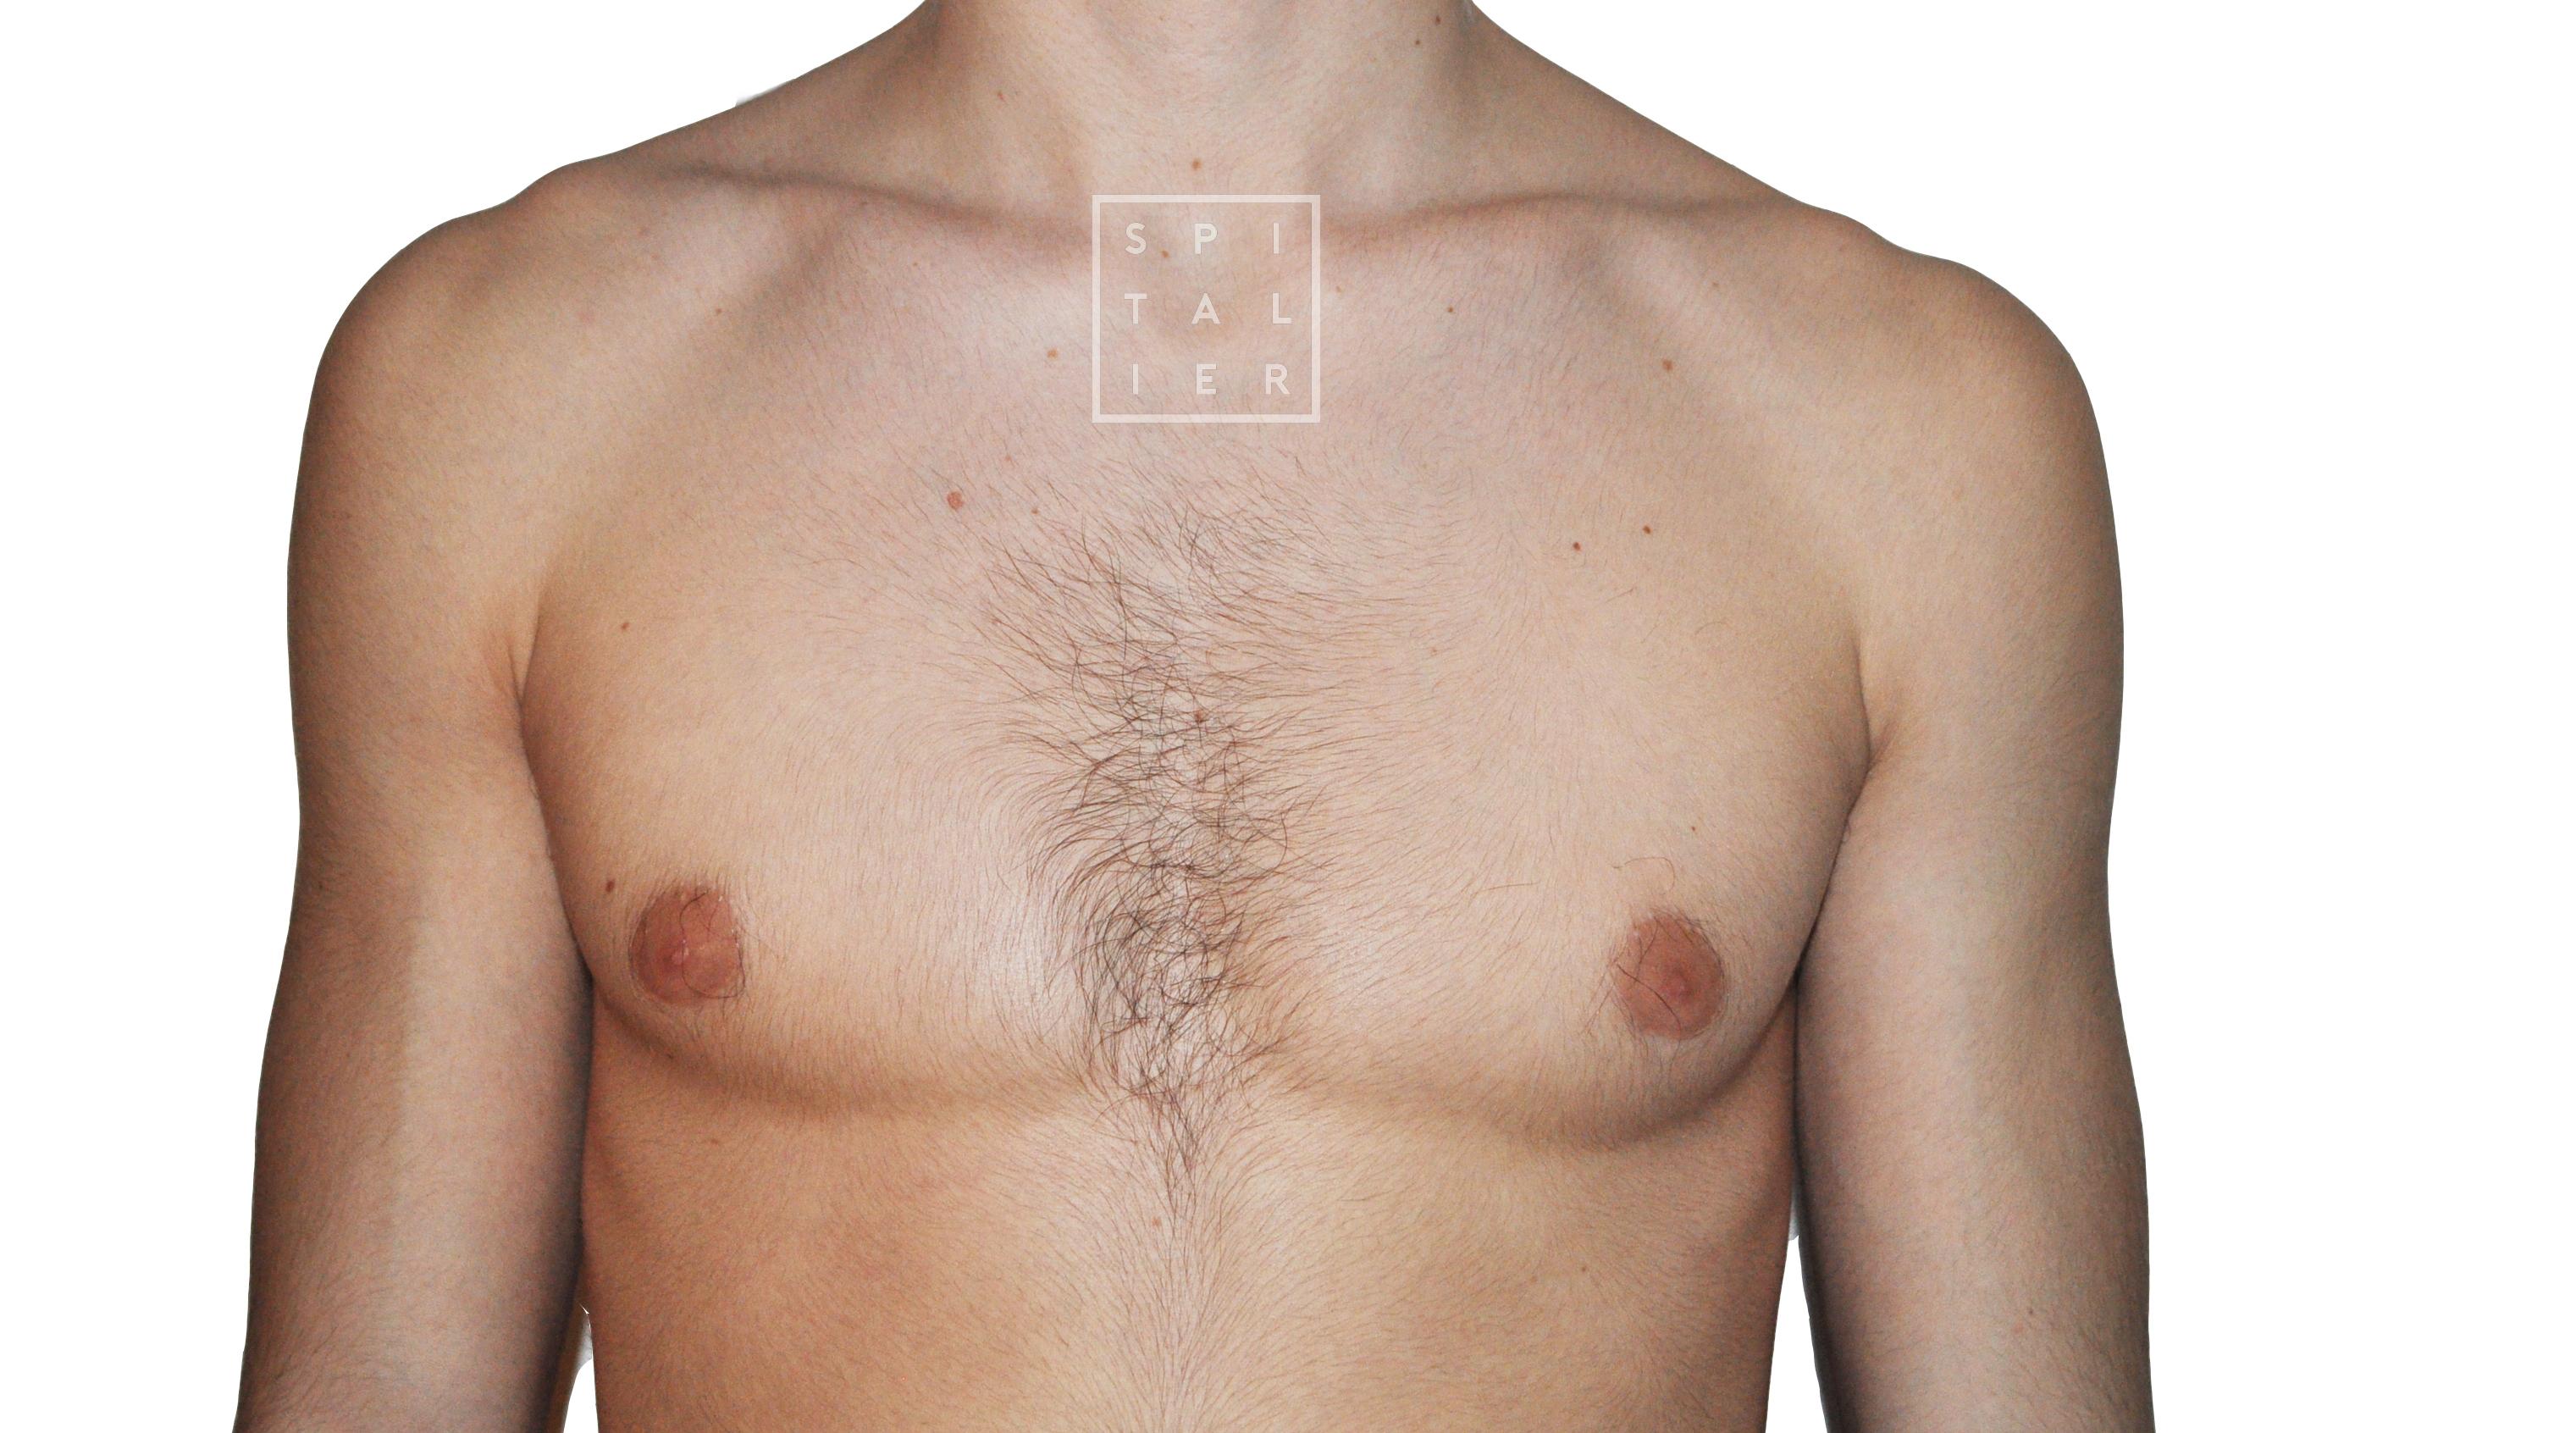 gynecomastie image